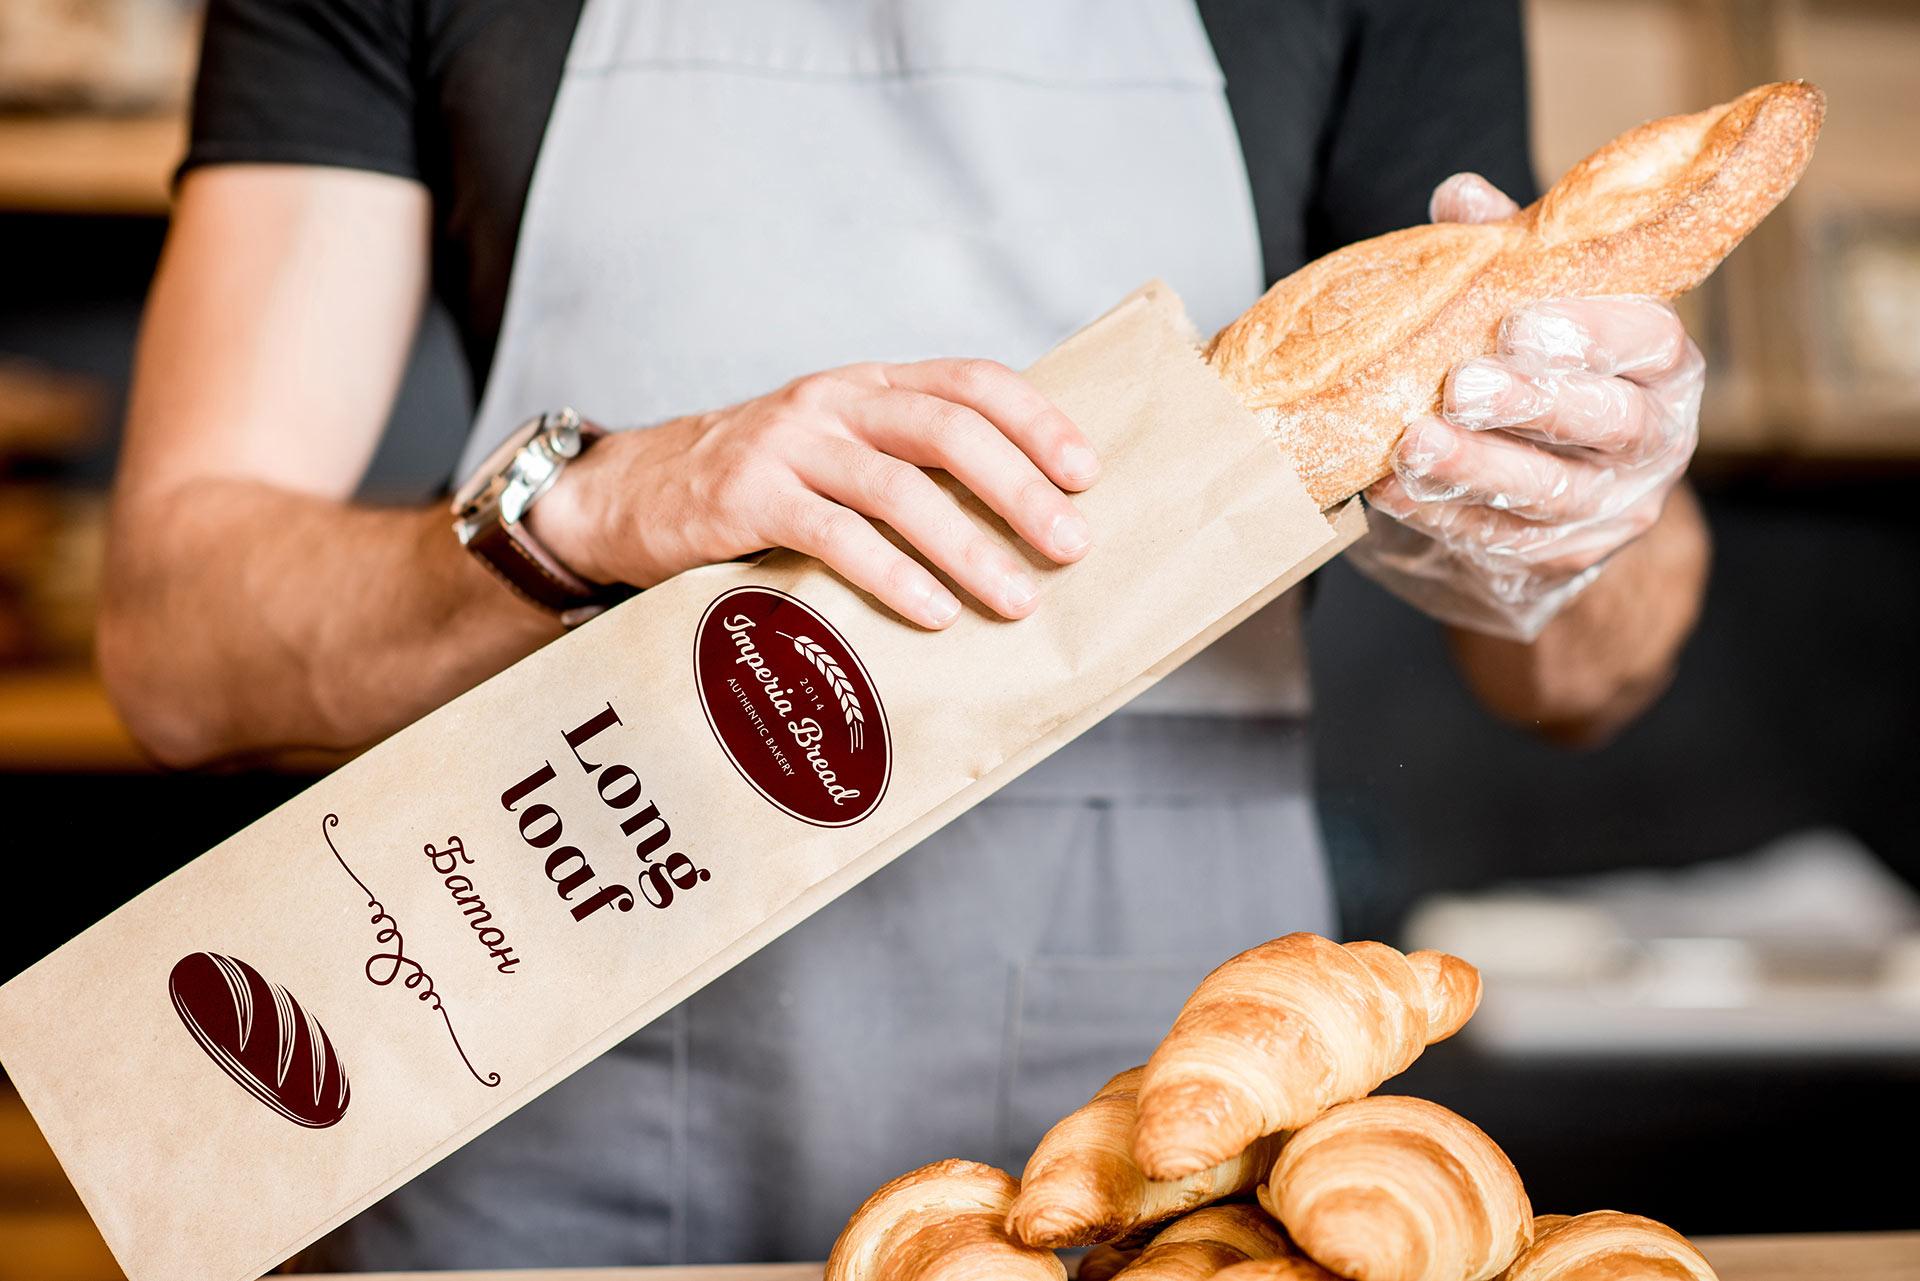 создание упаковки для хлеба